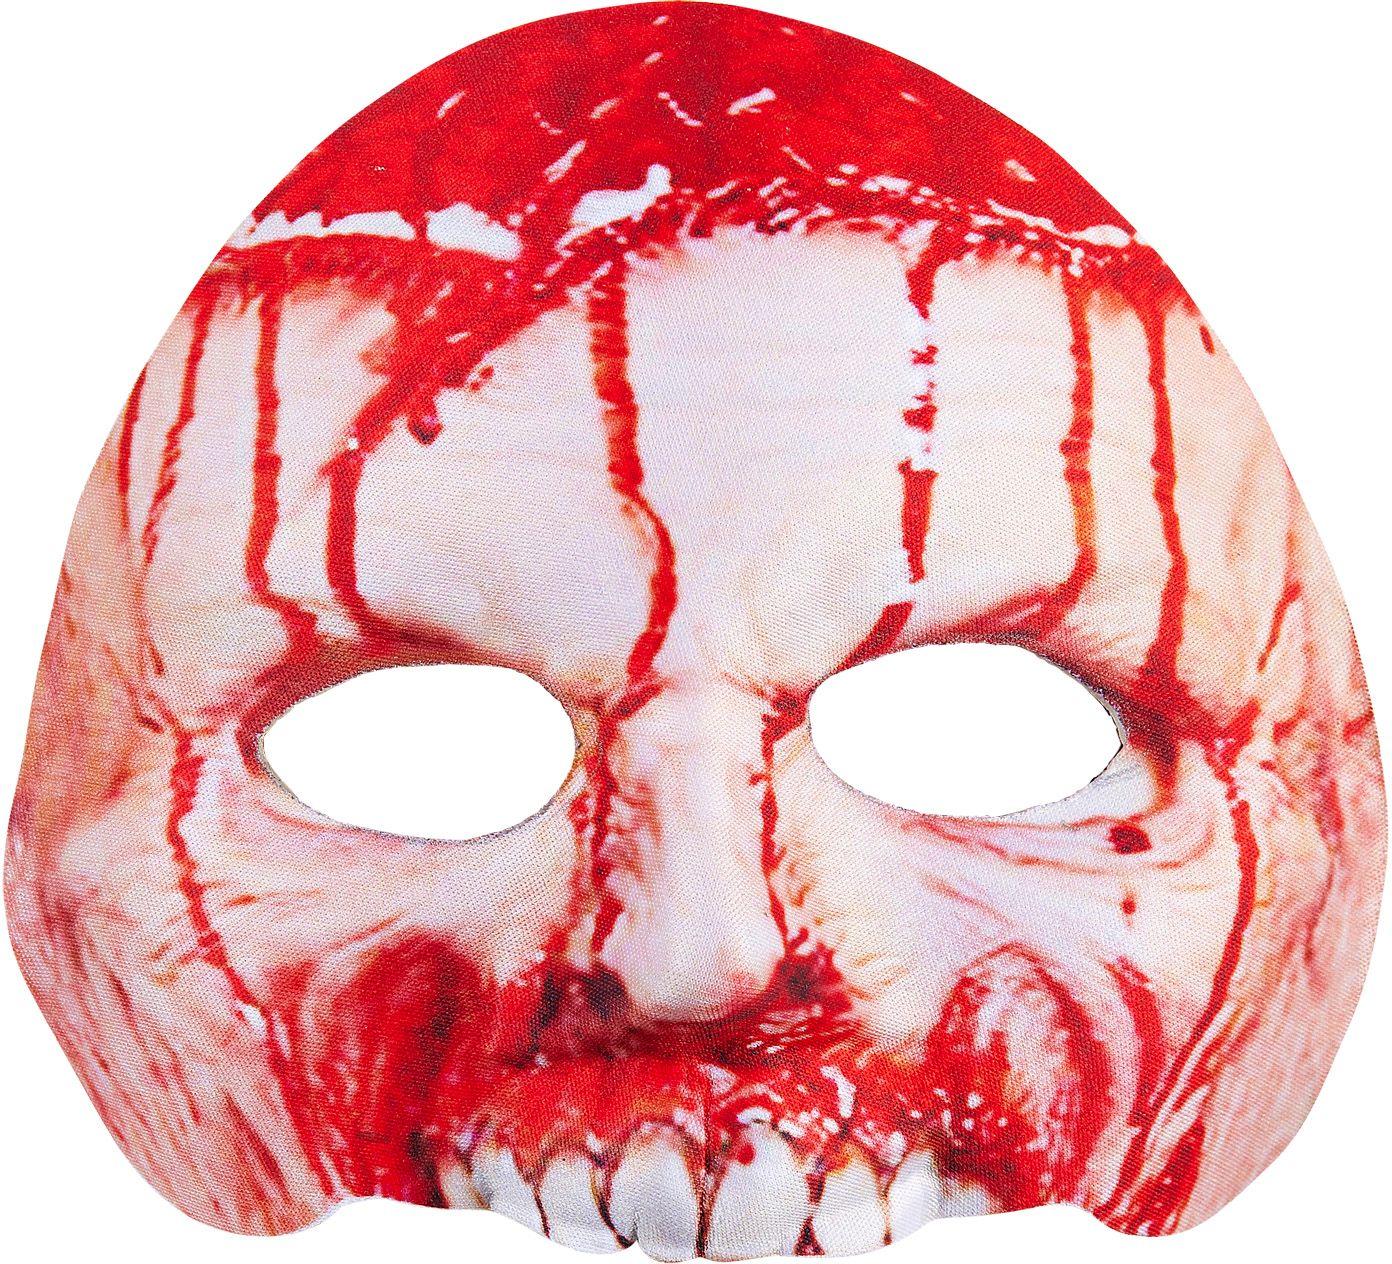 Bloederig psycho masker